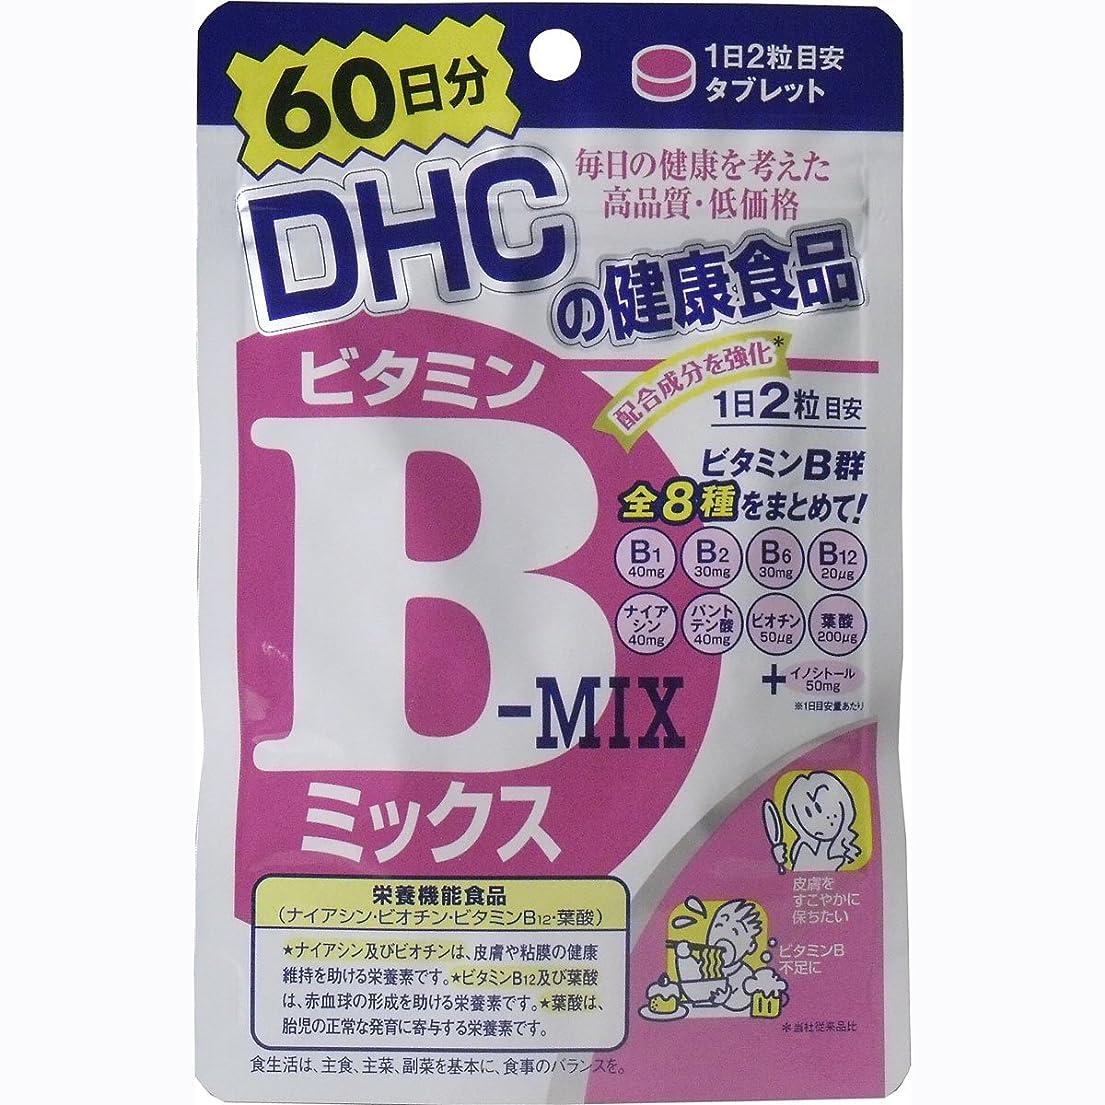 ダンス怖がらせる祭司【まとめ買い】DHC ビタミンBミックス 60日分 120粒 ×2セット